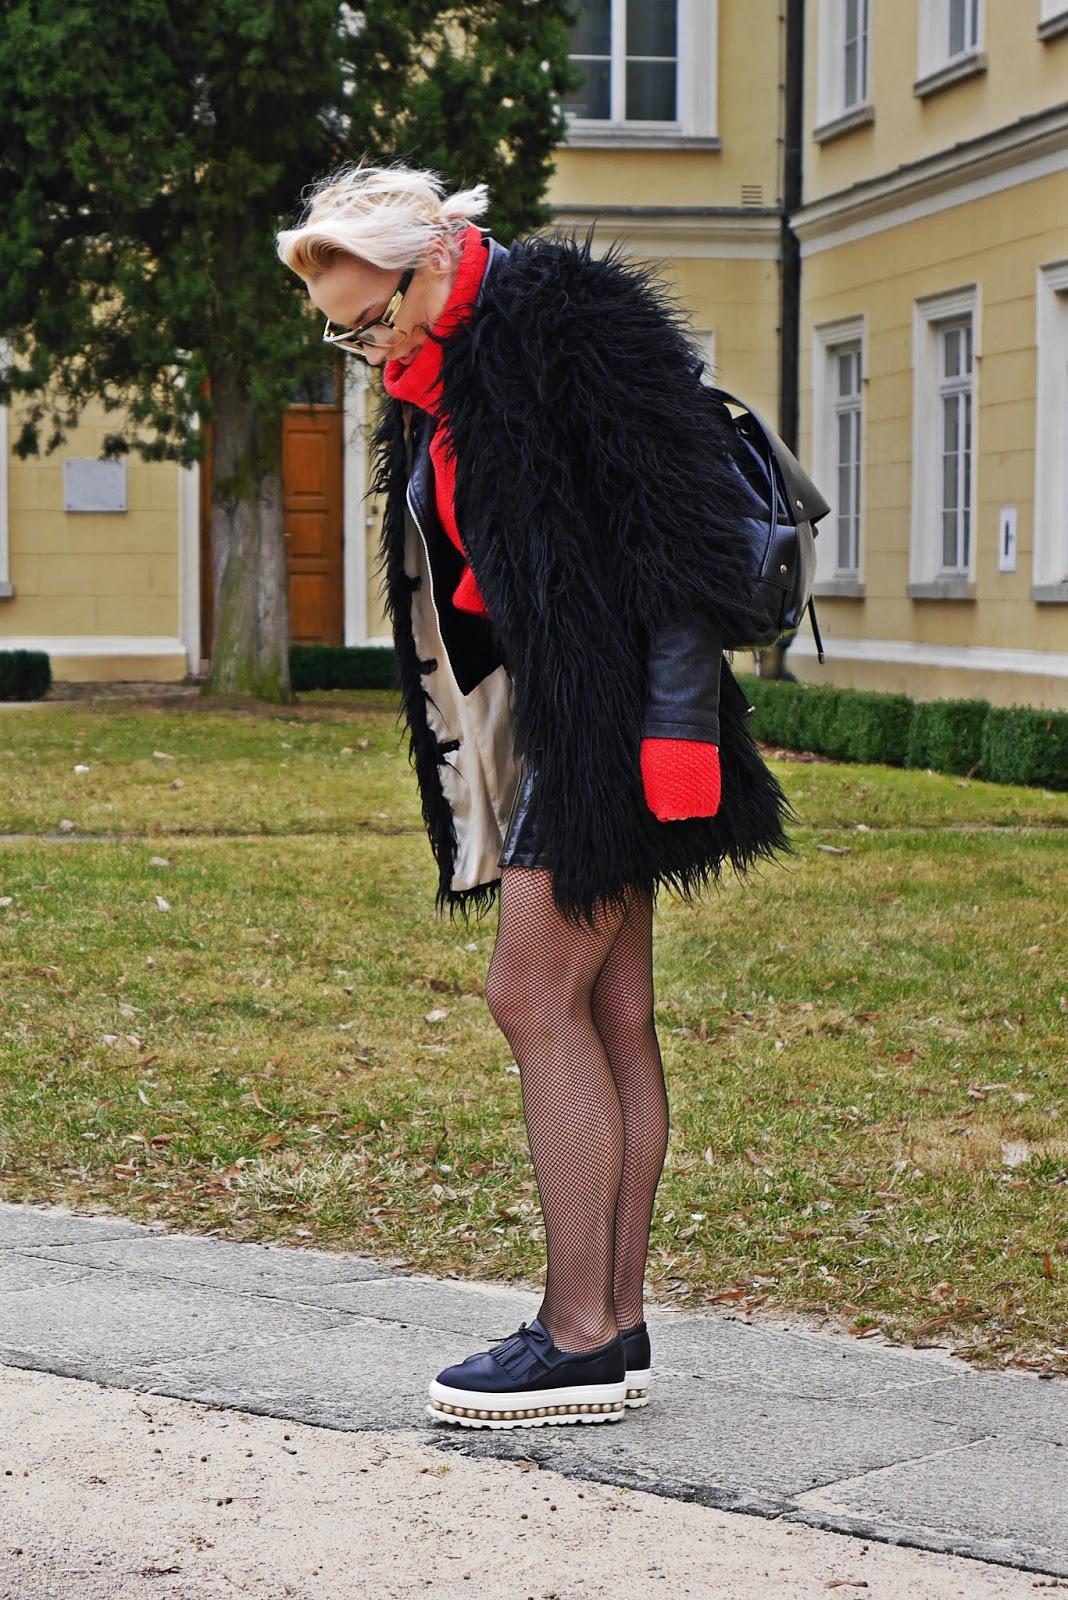 czerwony_golf_kabaretki_czarna_spodnica_karyn_blog_160317a